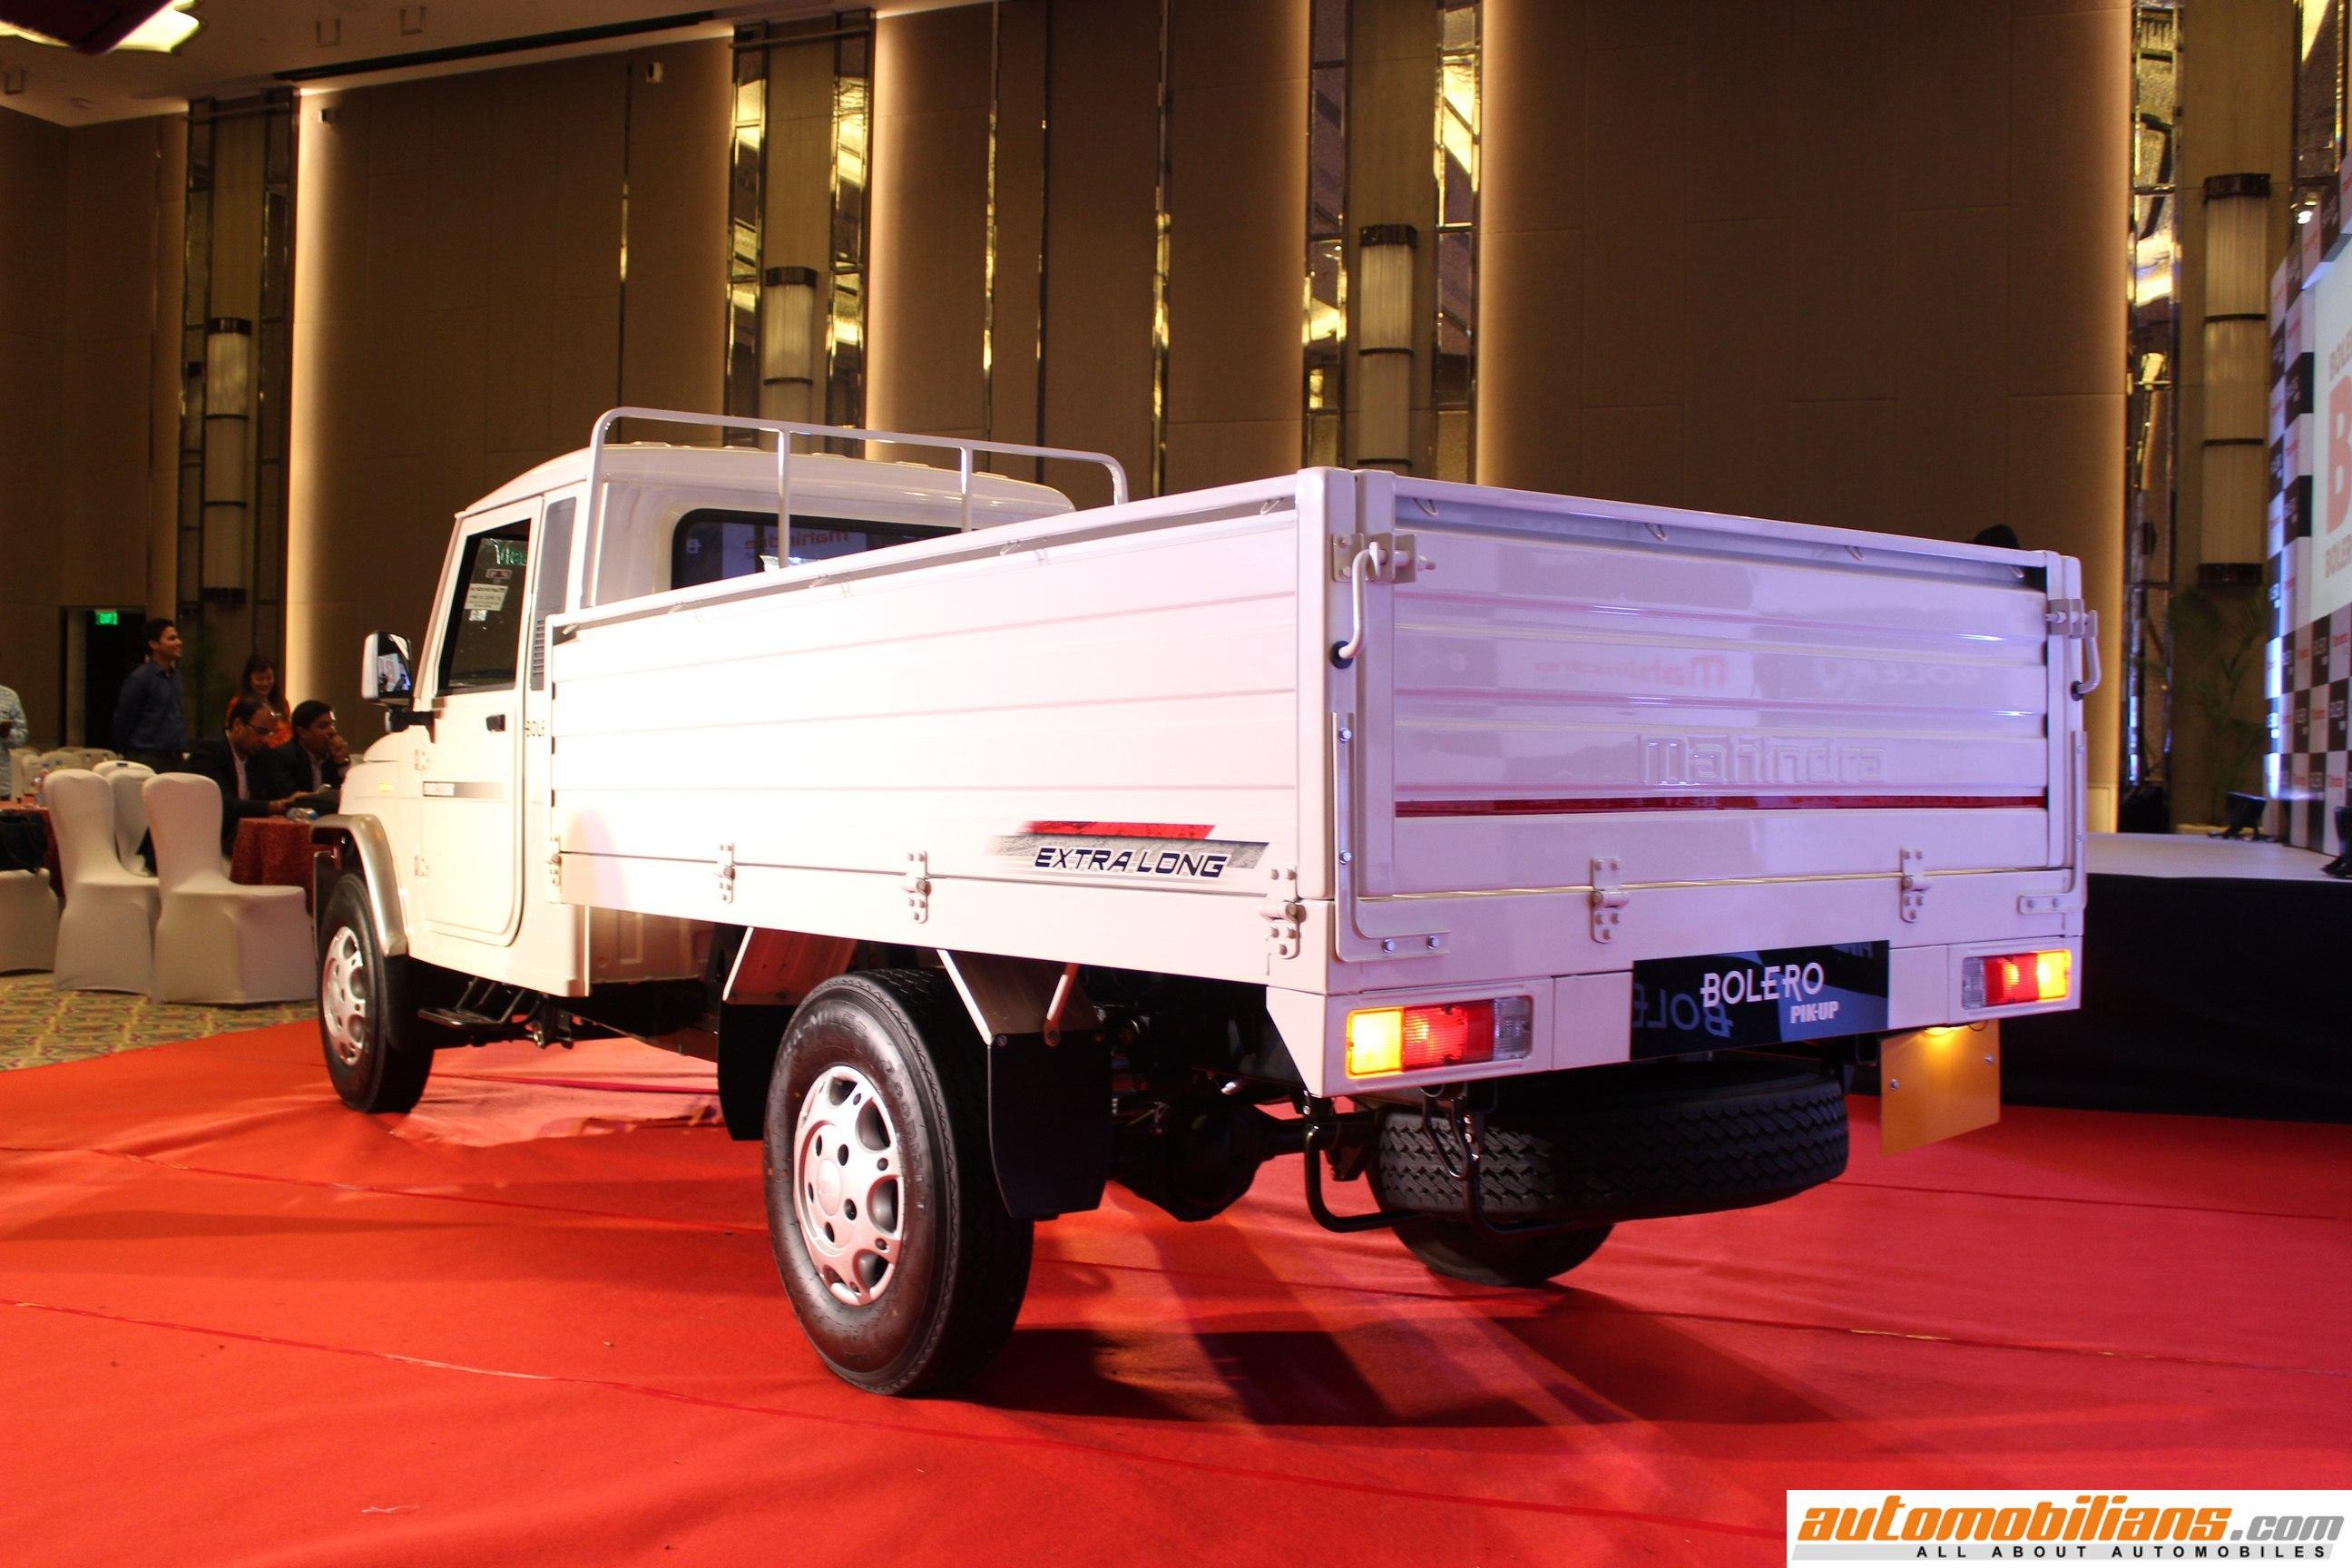 Automobilians Com Mahindra Big Bolero Pik Up Launched In